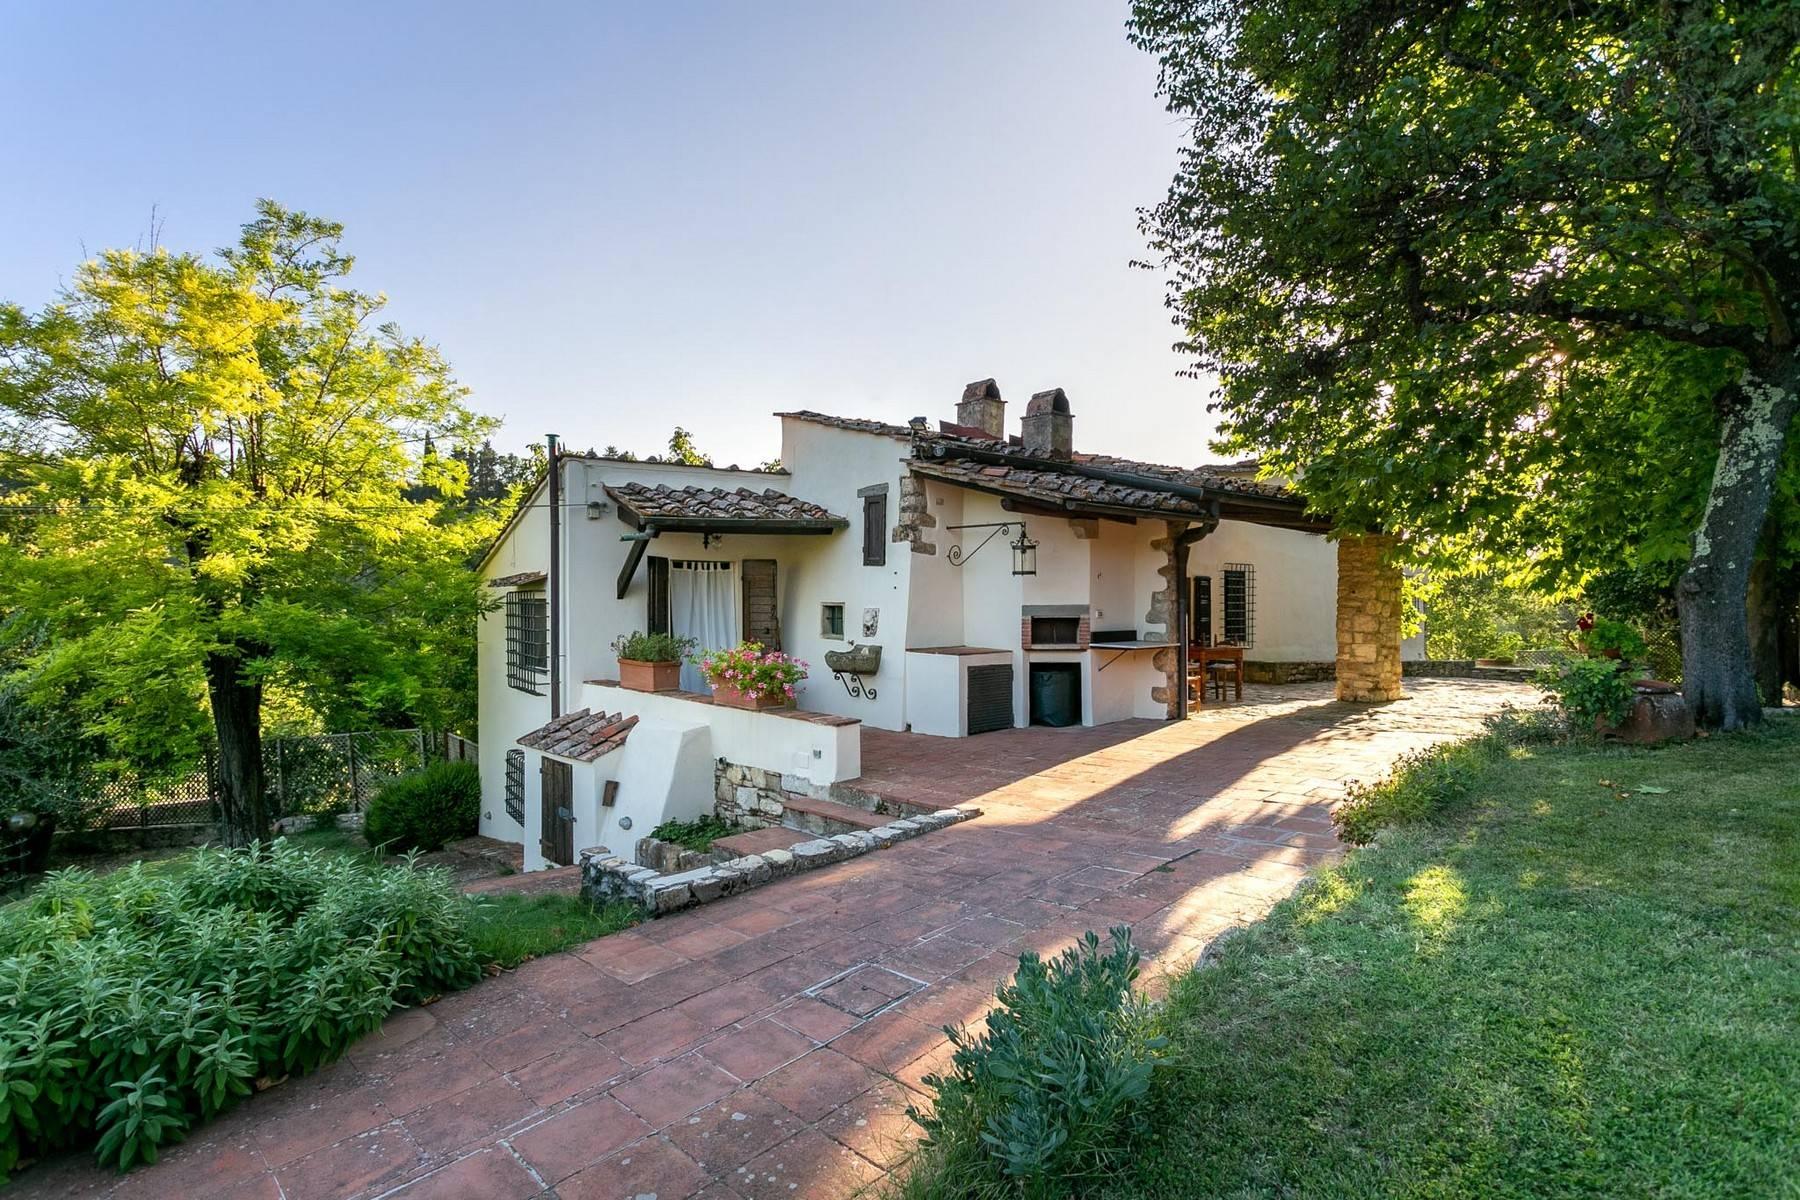 Villa in Vendita a Bagno A Ripoli: 5 locali, 240 mq - Foto 1